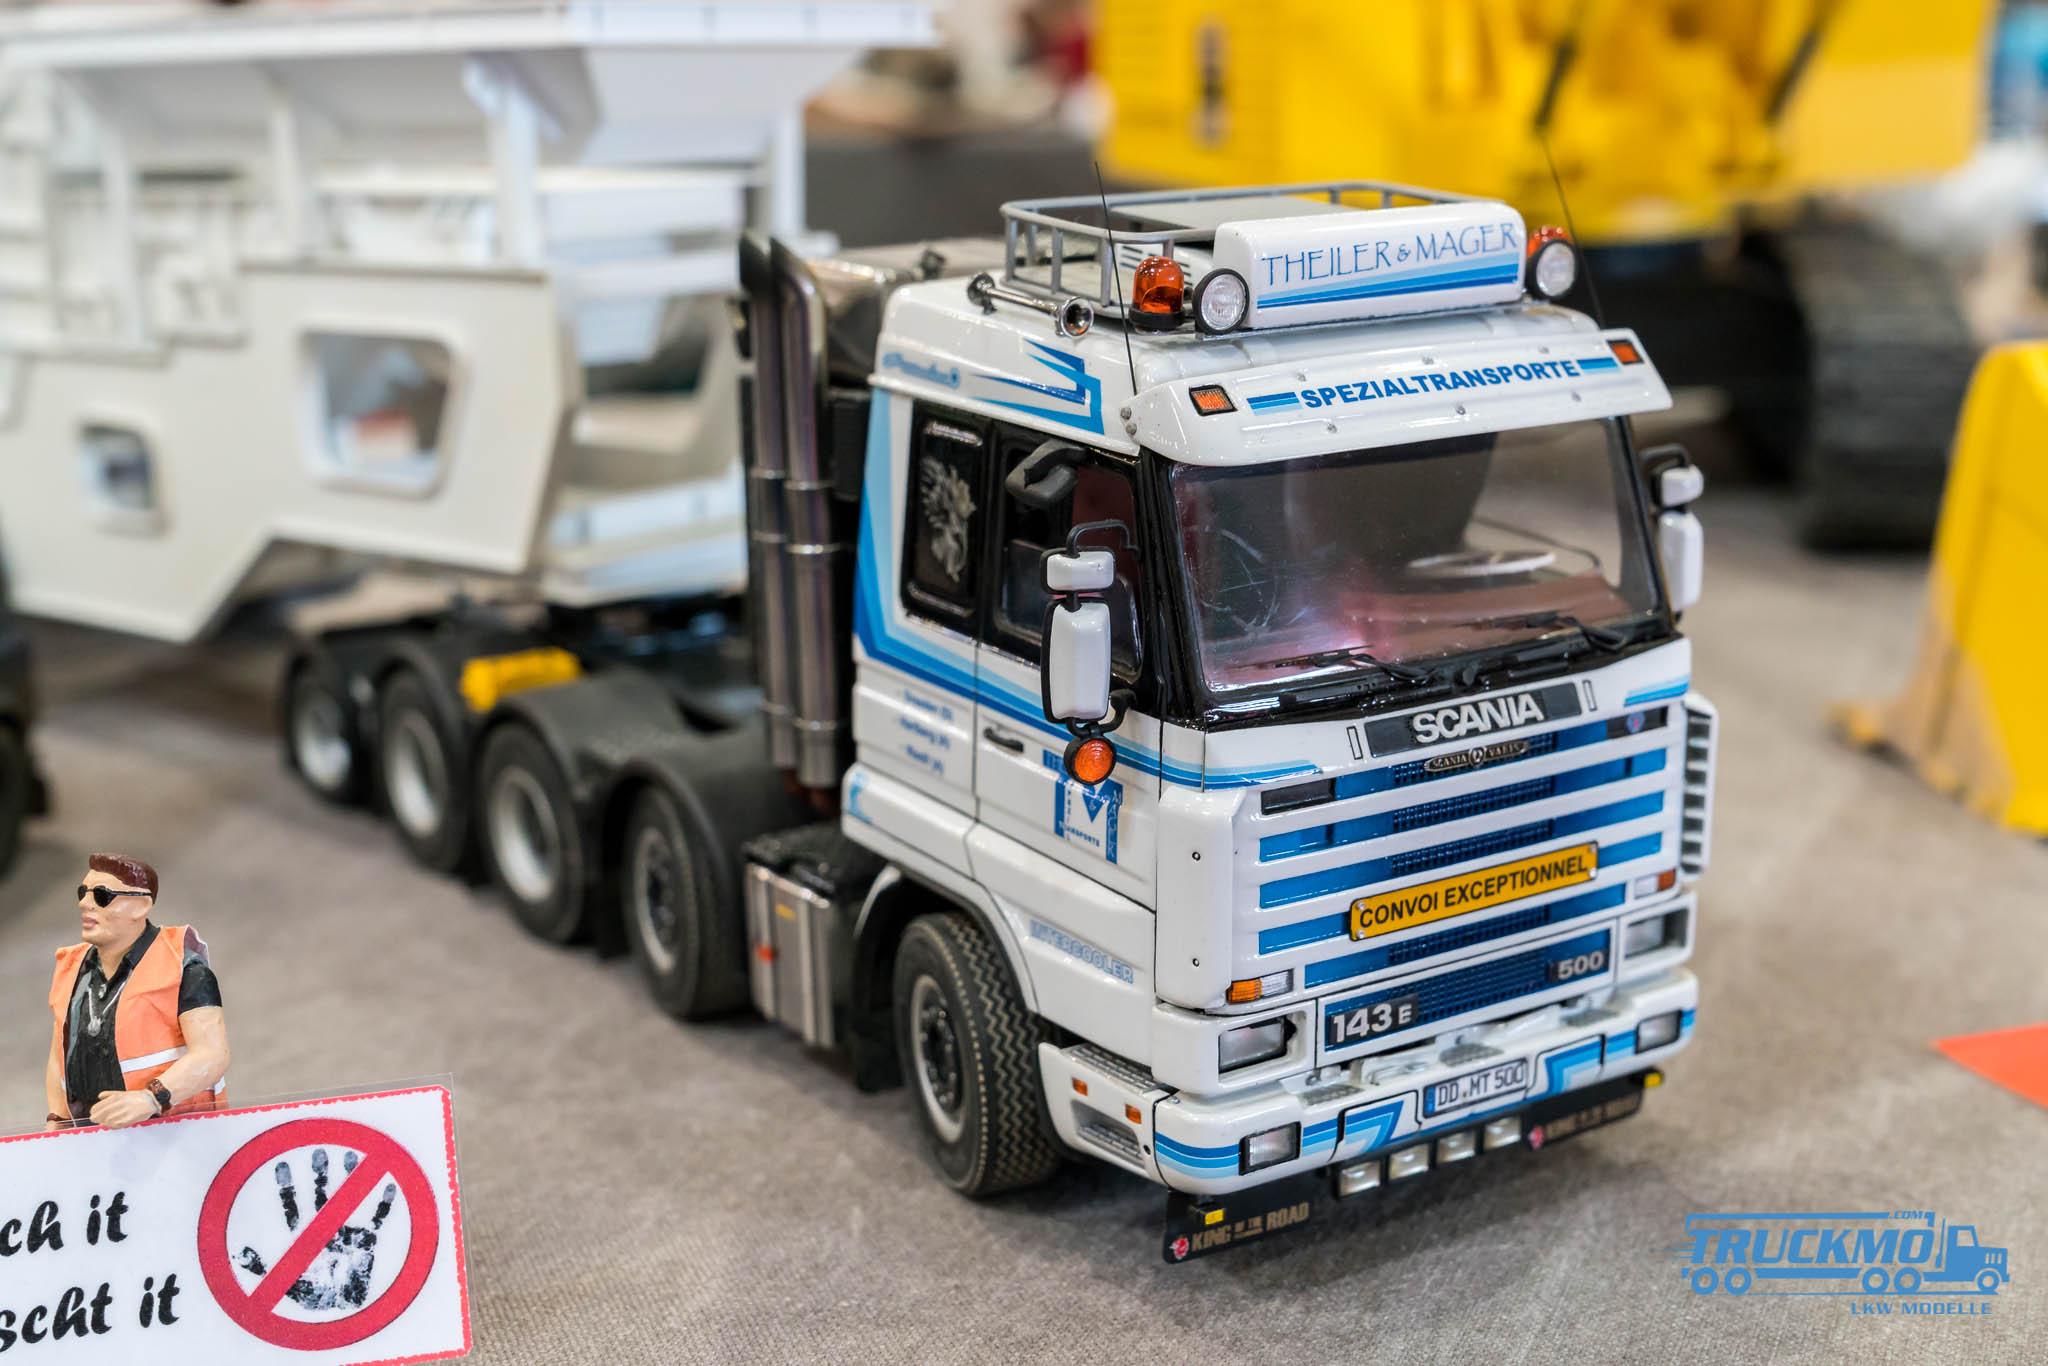 Truckmo_Modellbau_Ried_2017_Herpa_Messe_Modellbauausstellung (412 von 1177)